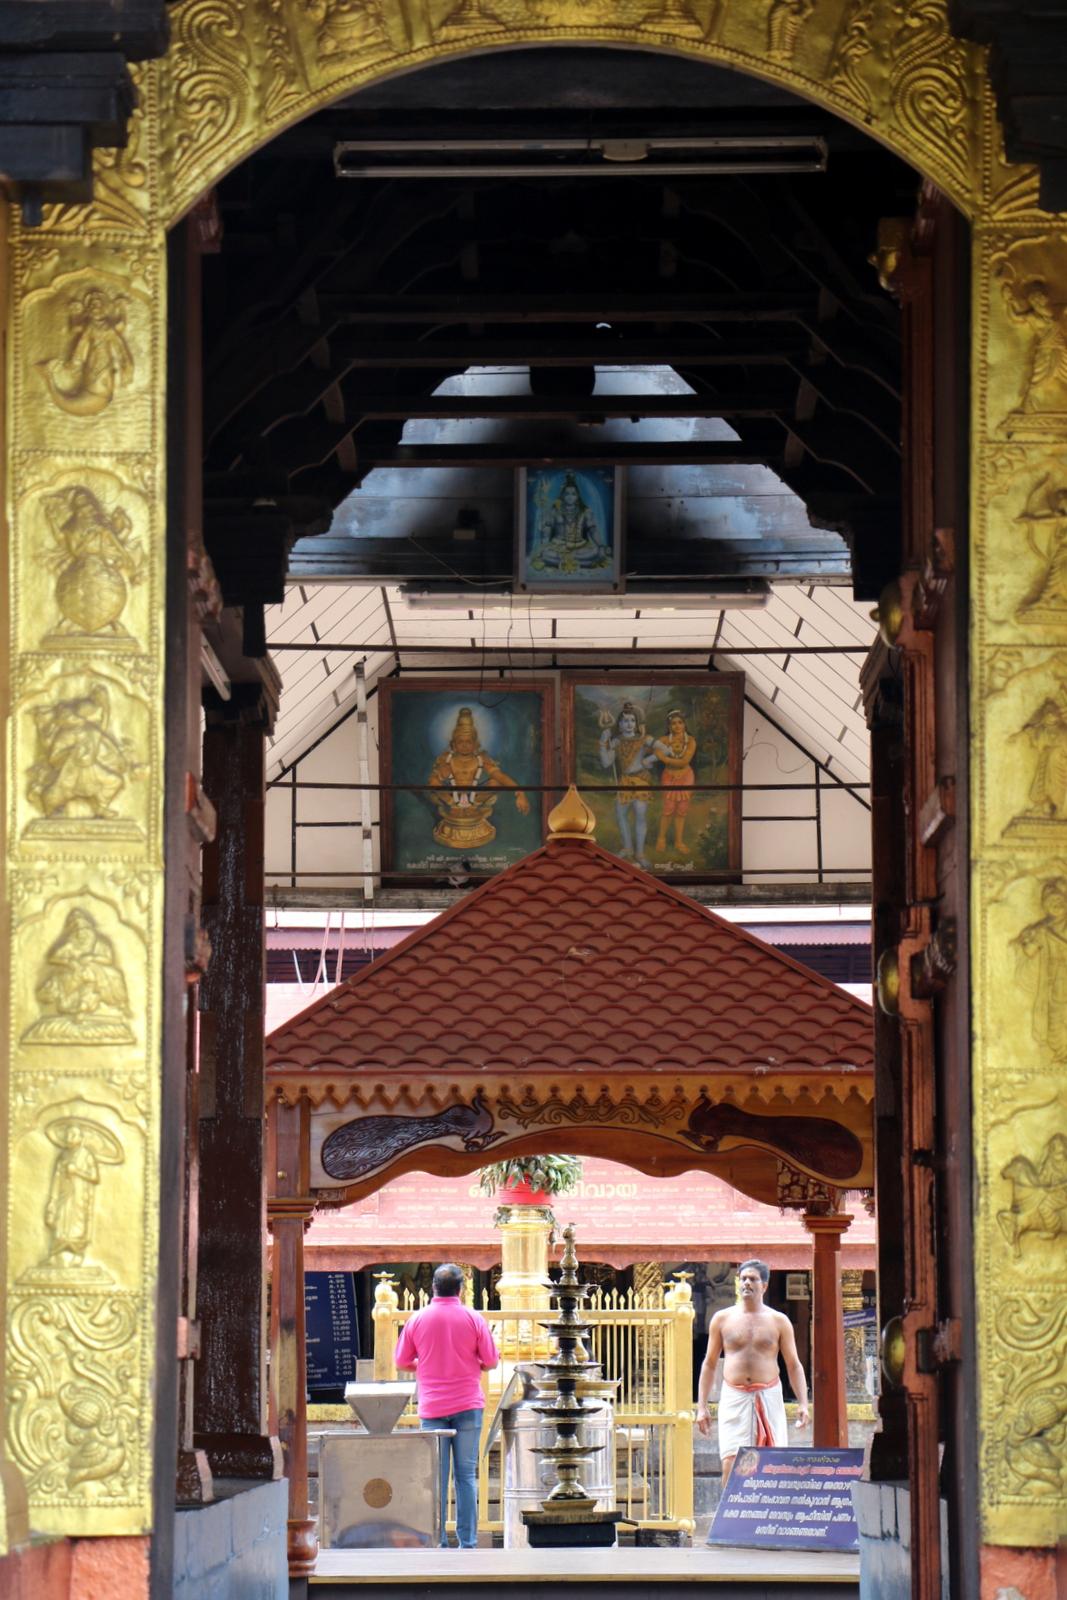 Thirunakkara Mahadeva -temppelin sisäänkäynti.